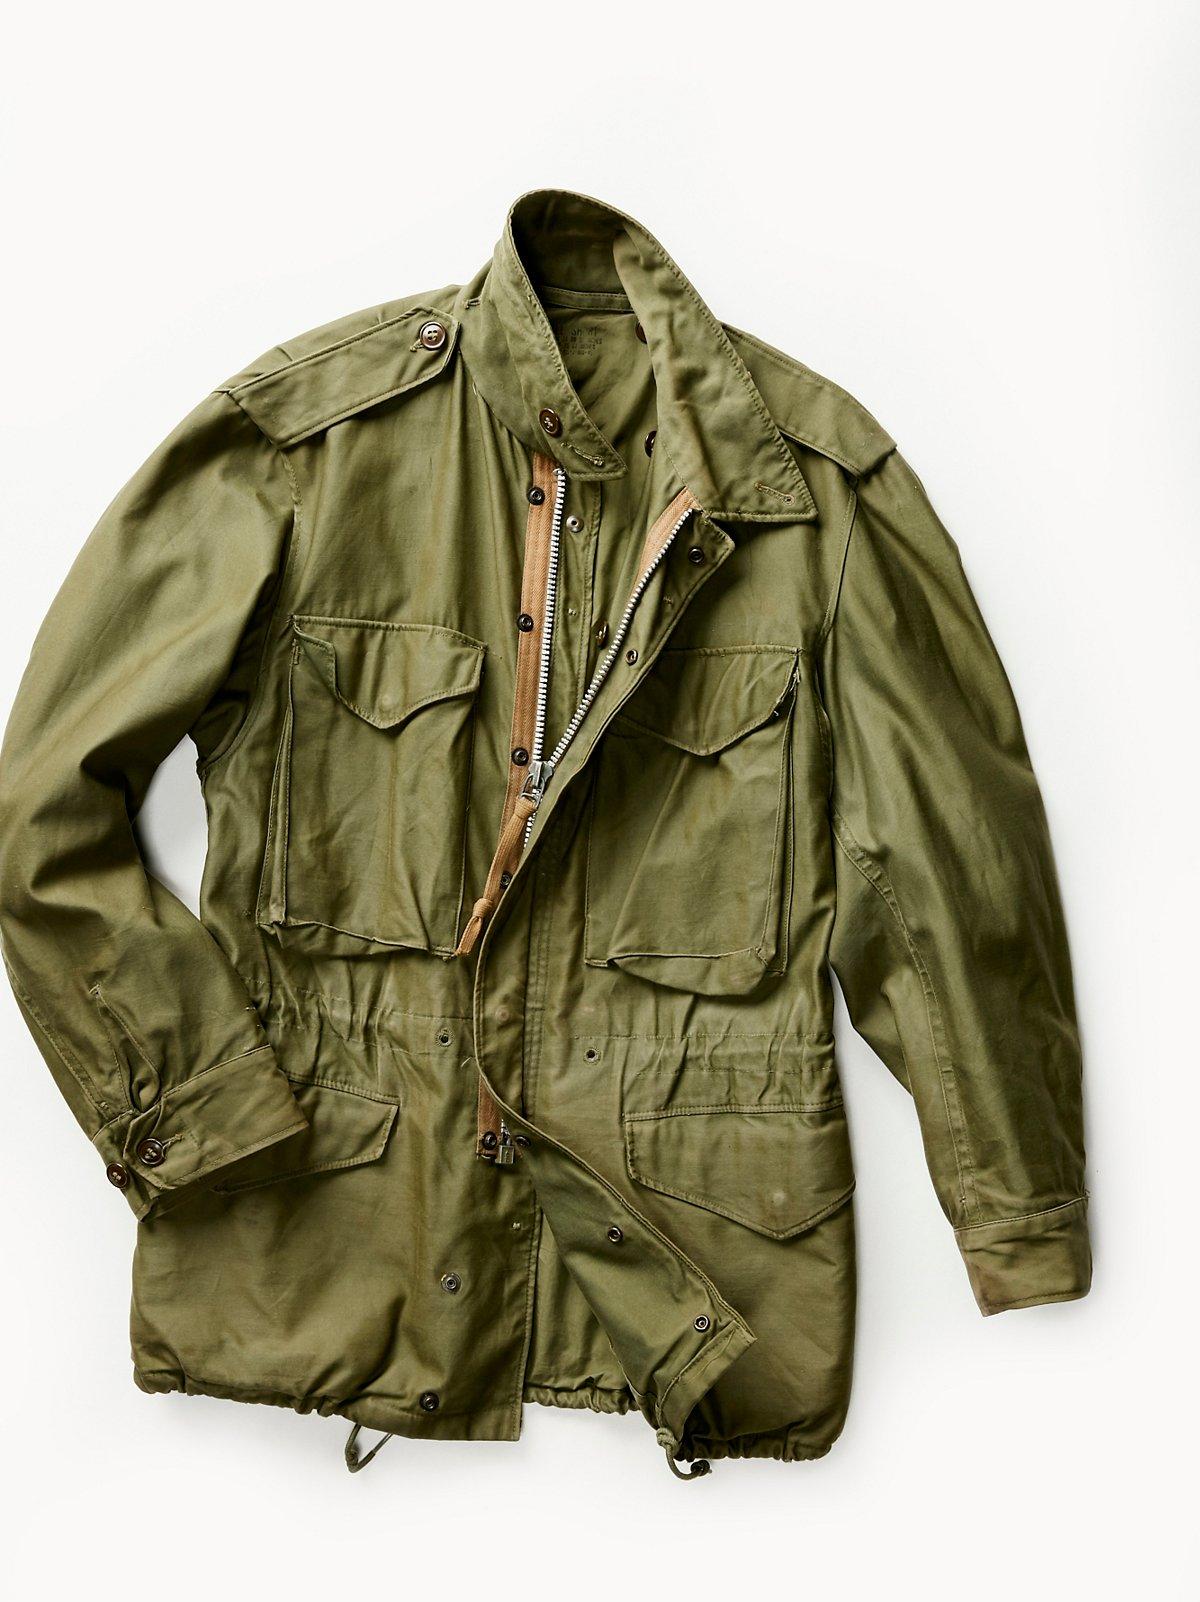 Vintage 1950s Military Jacket